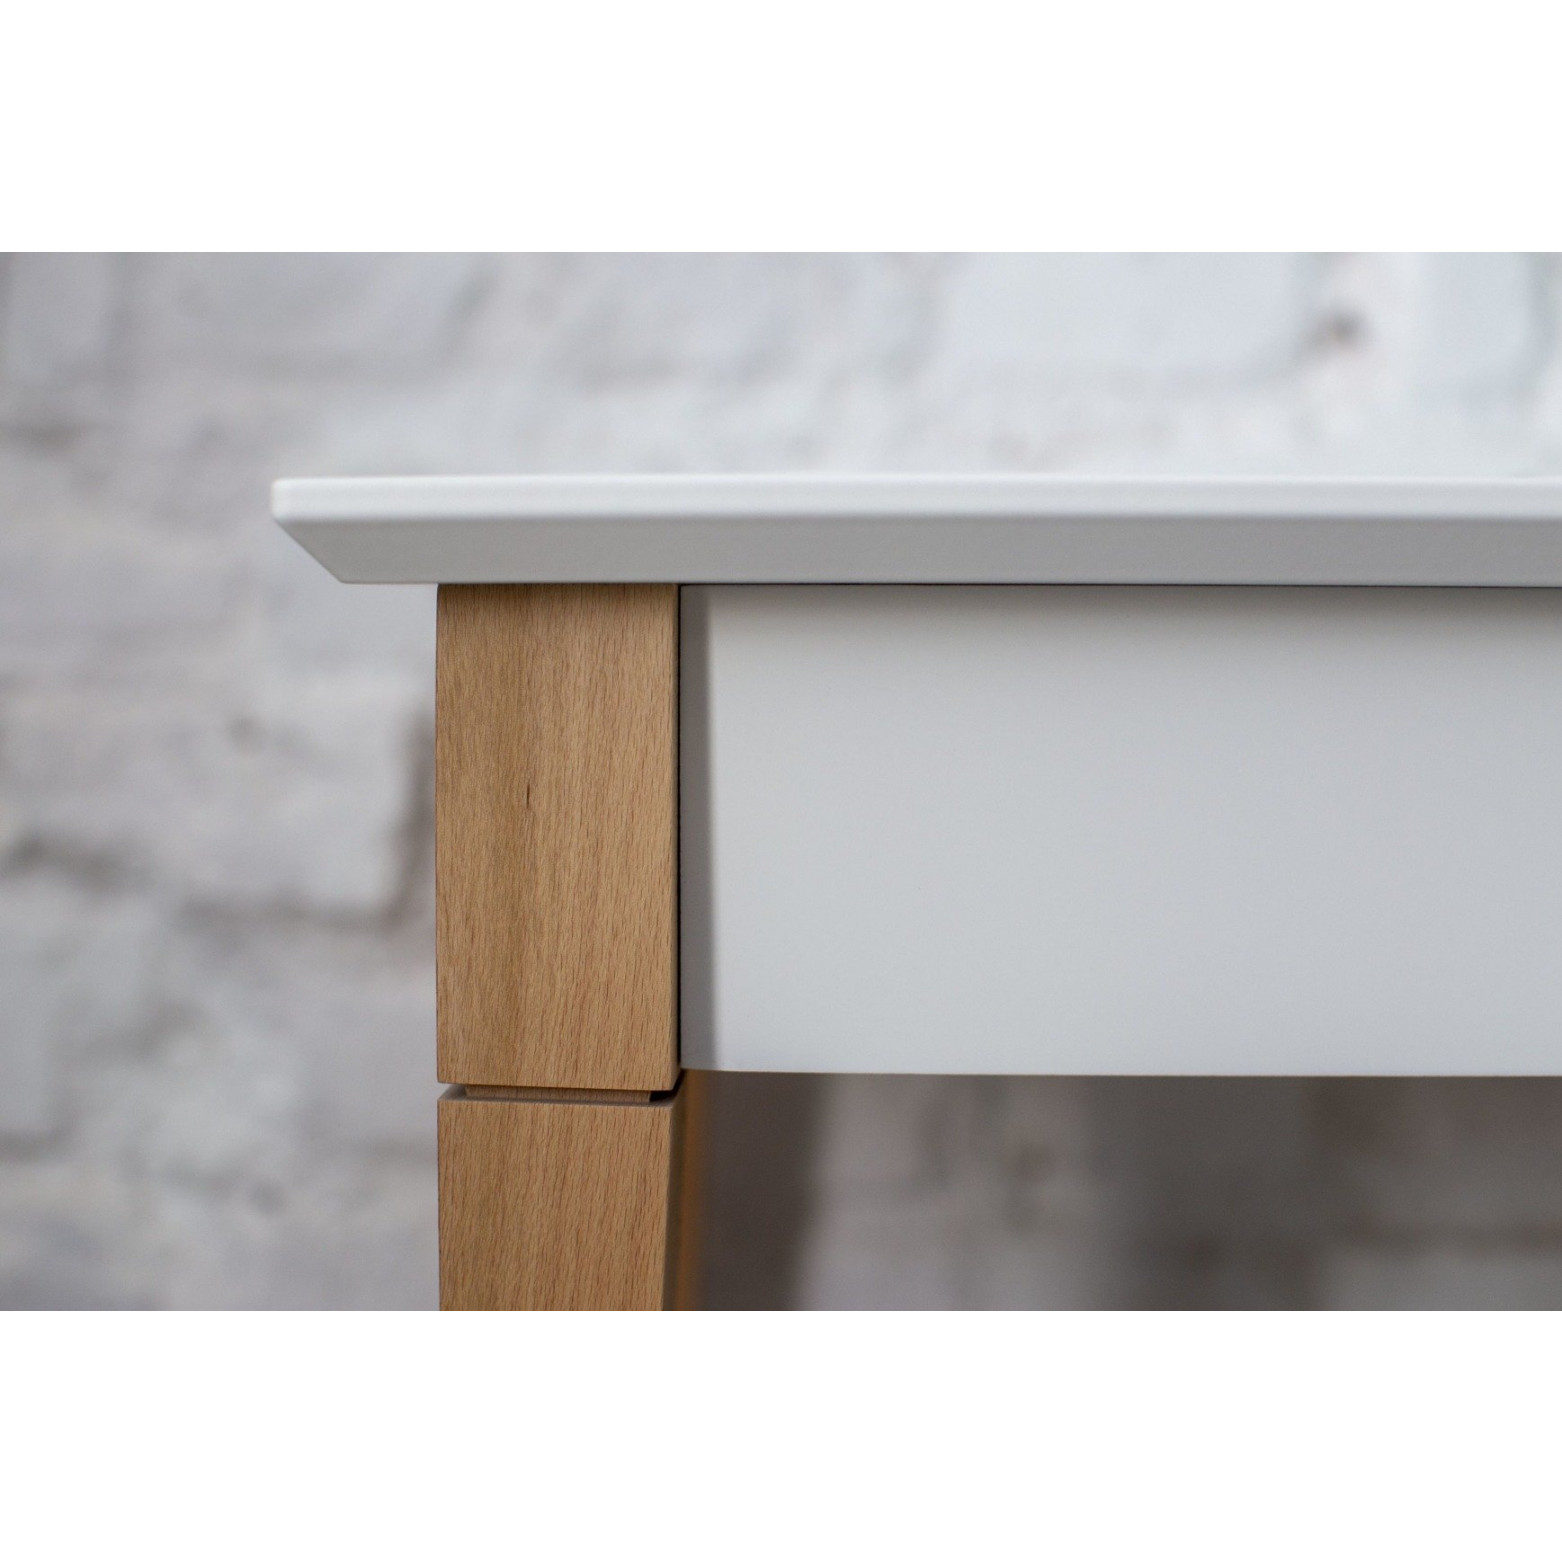 Konsolentisch mit Regal MIMO | Weiß